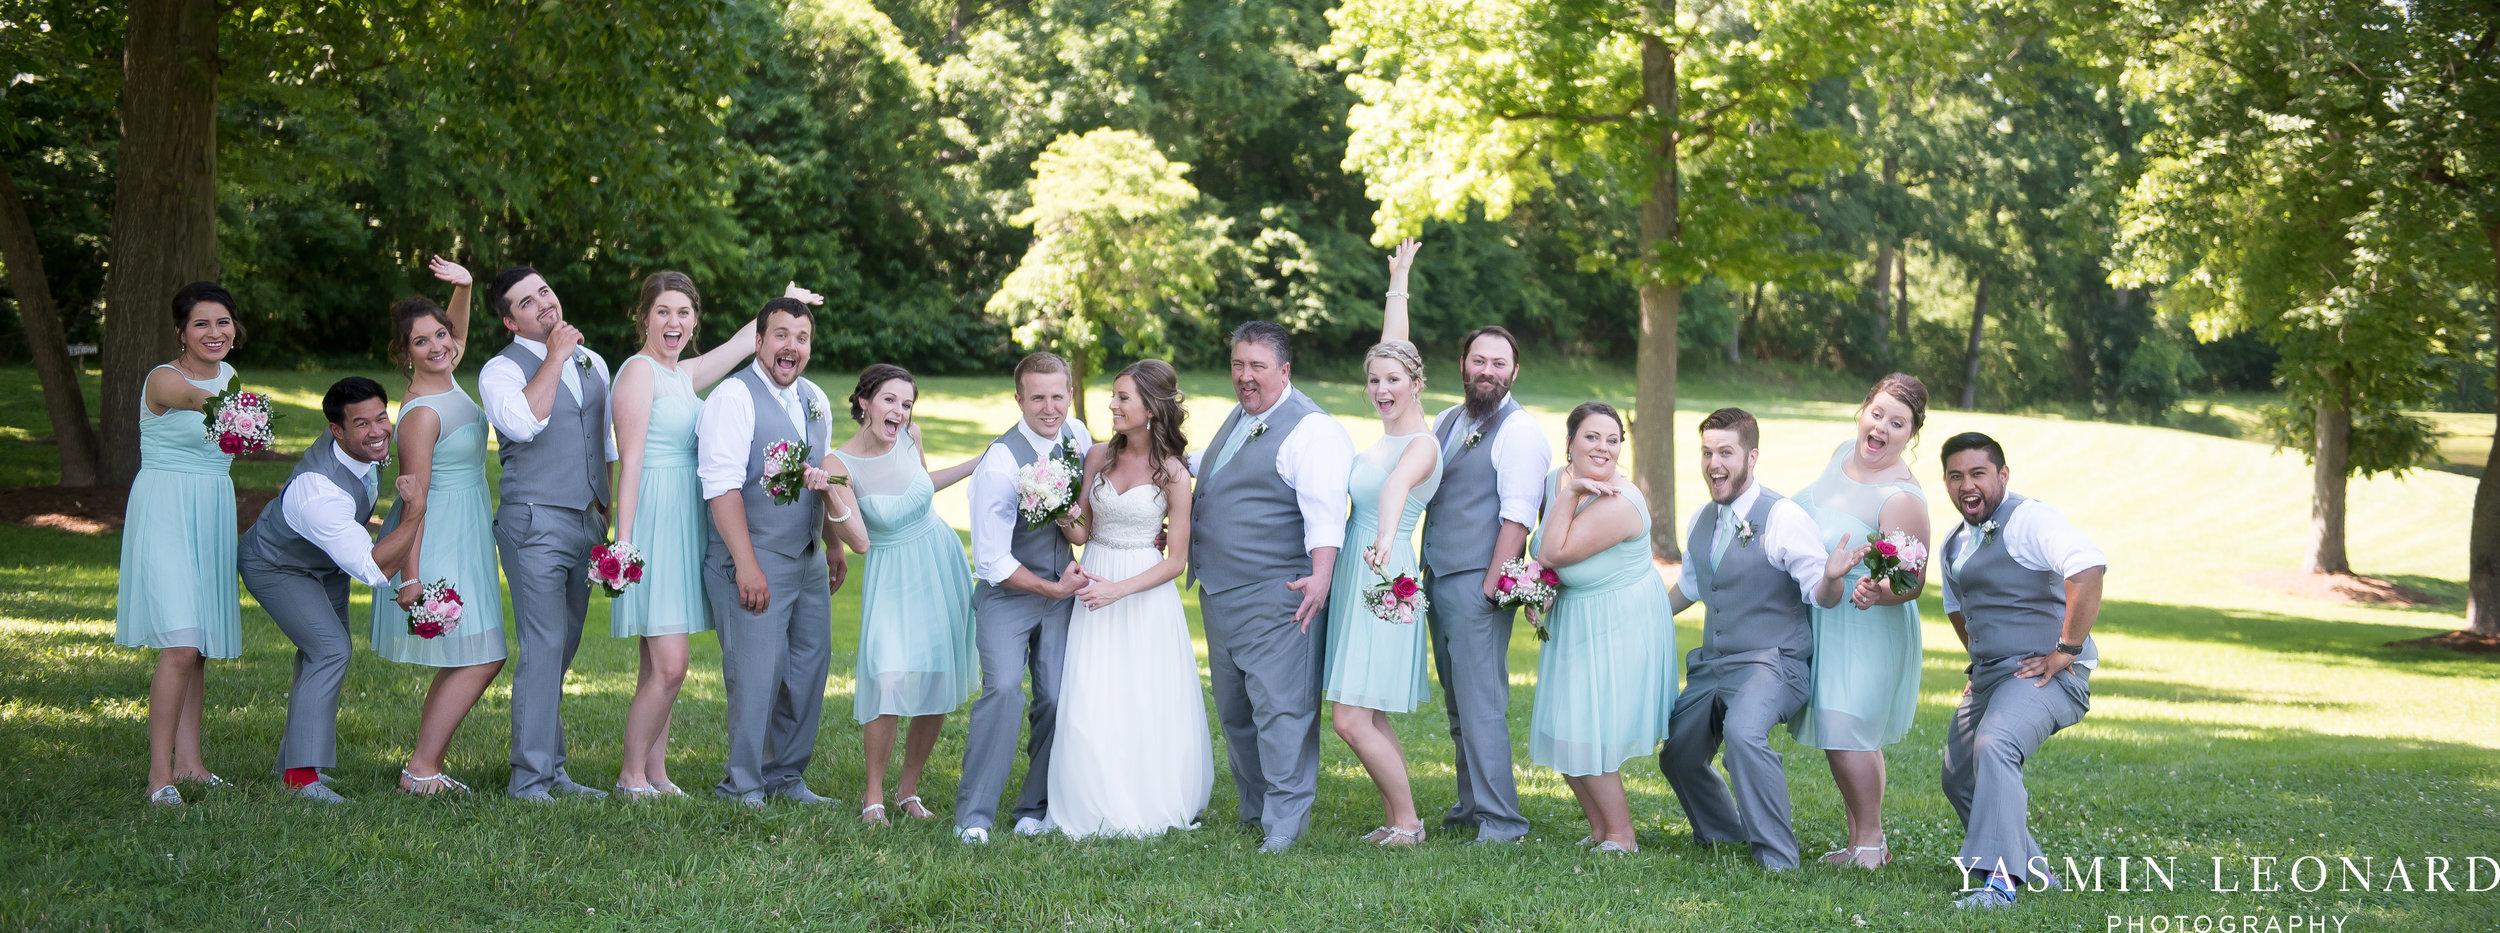 Leslie and Allen - L'abri at Linwood Wedding-80.jpg